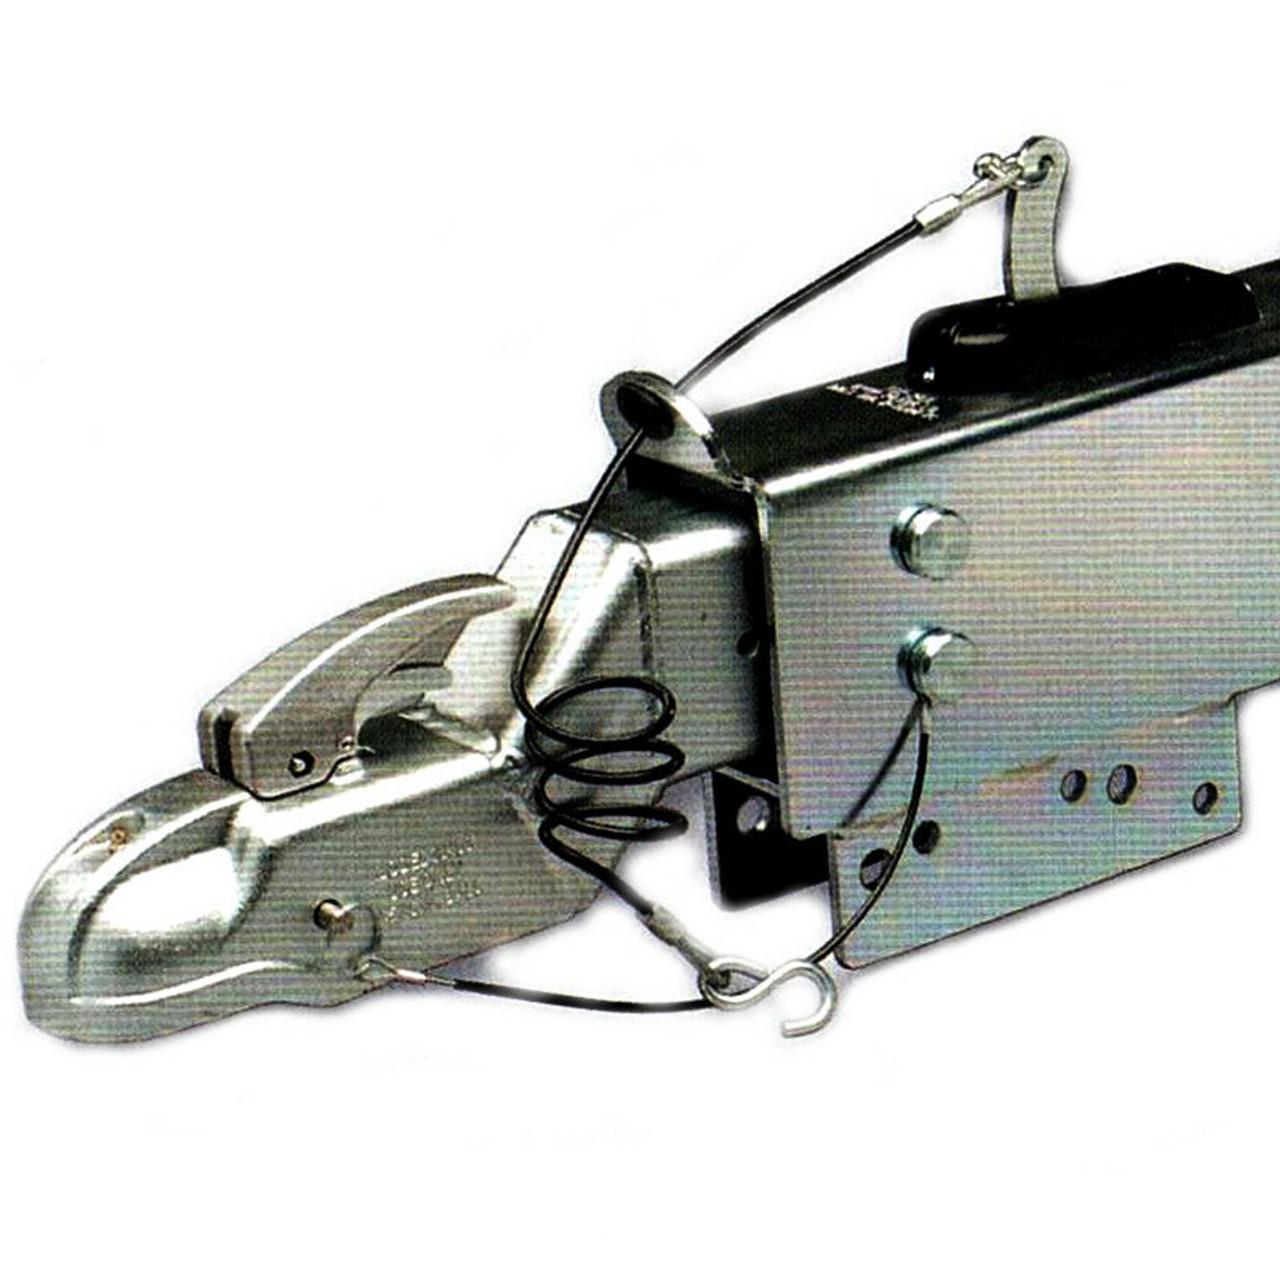 Model 16.5 Actuators